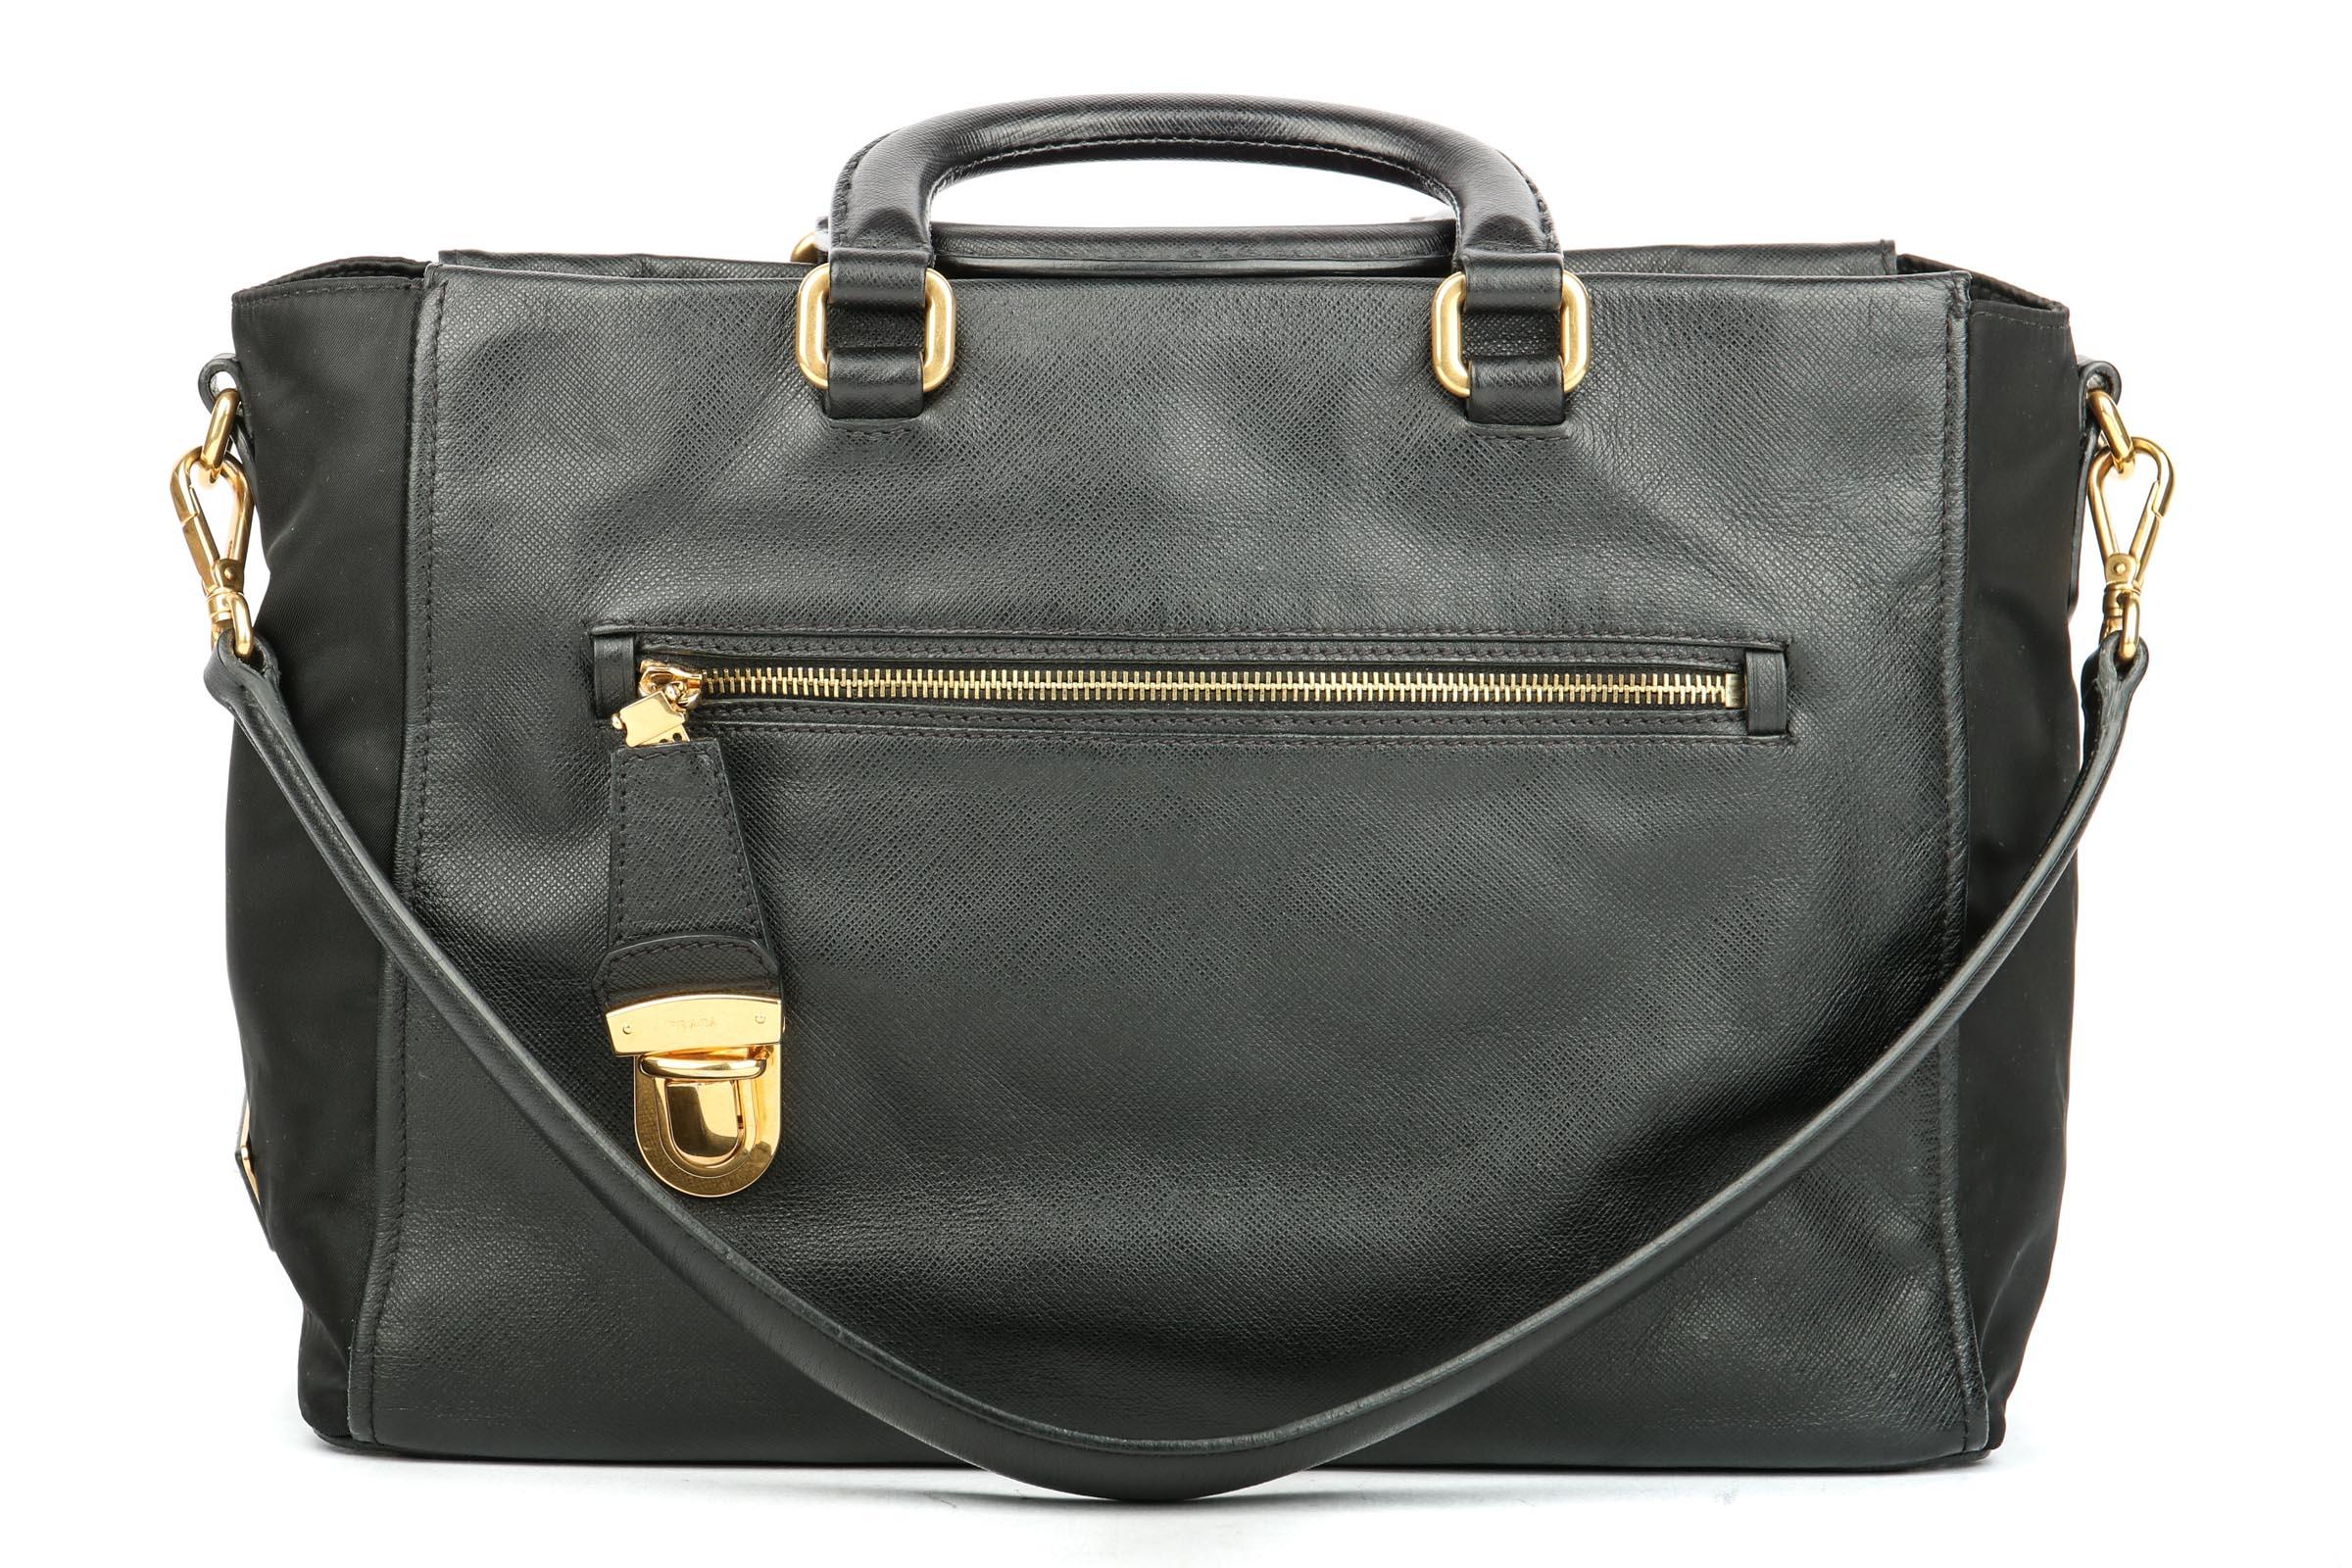 6f2ff7702672 ... best price prada shoulder bag tessuto saffiano mix black luxussachen  42761 8660d ...